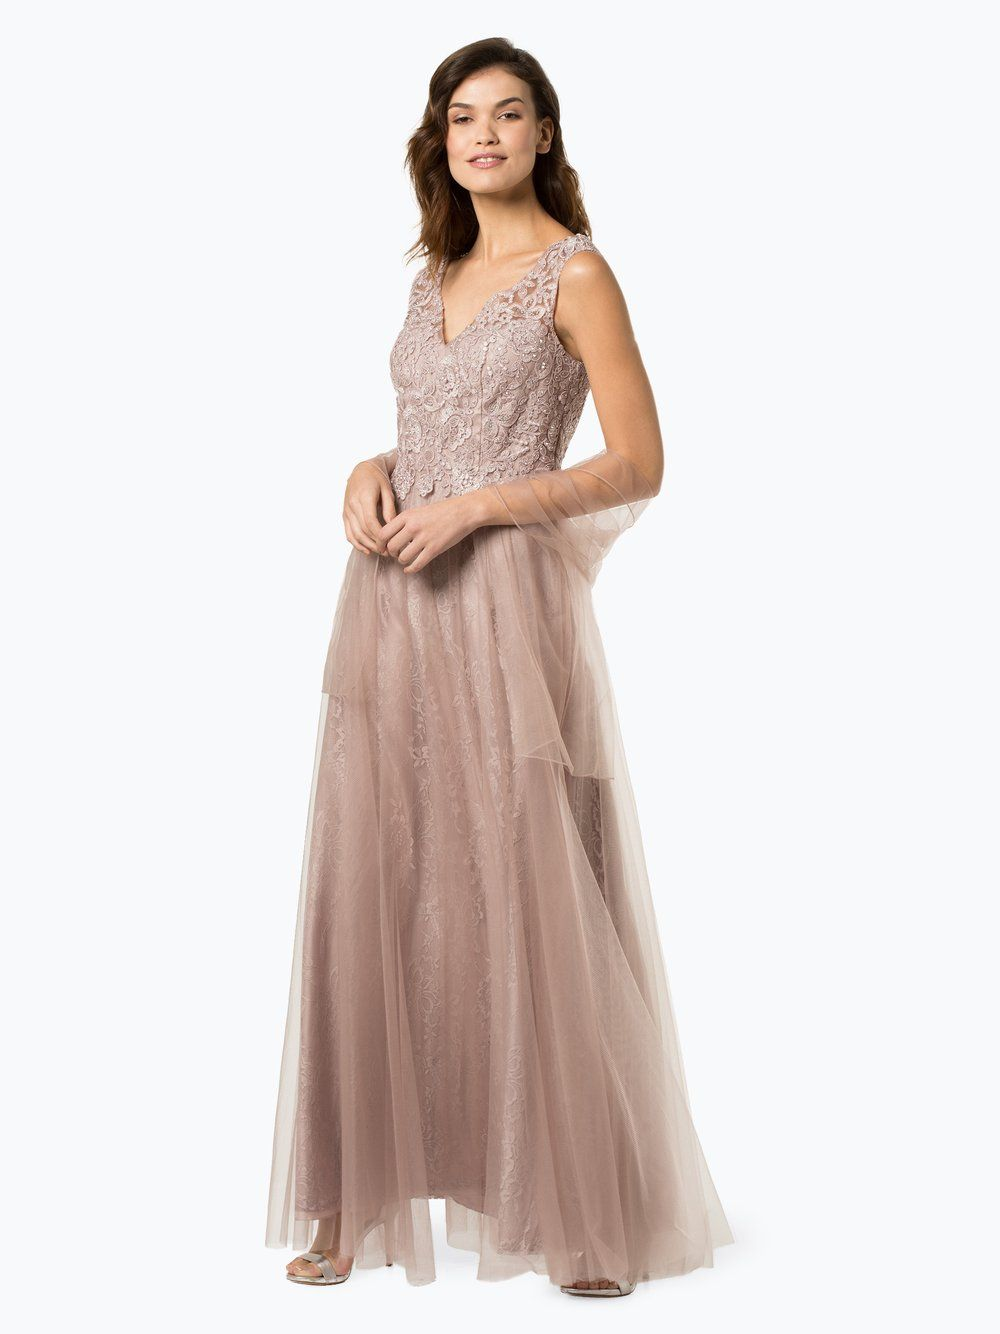 damen abendkleid mit stola | luxuar fashion, abendkleid und